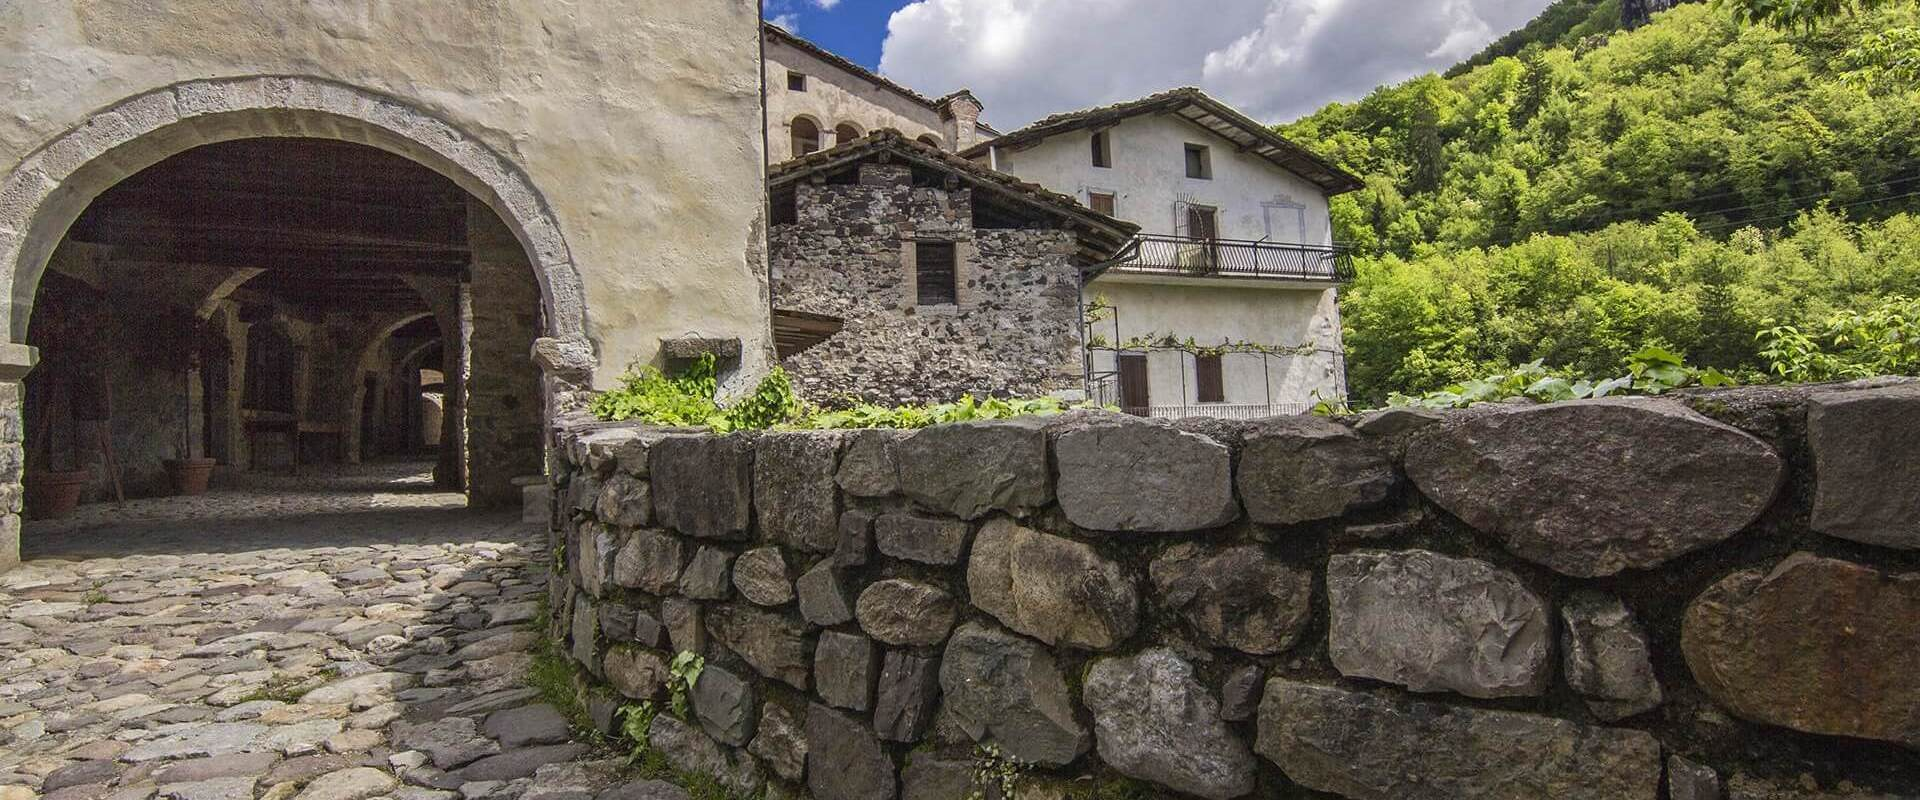 Агритуризм — посещение средневековых деревень (зеленый туризм)